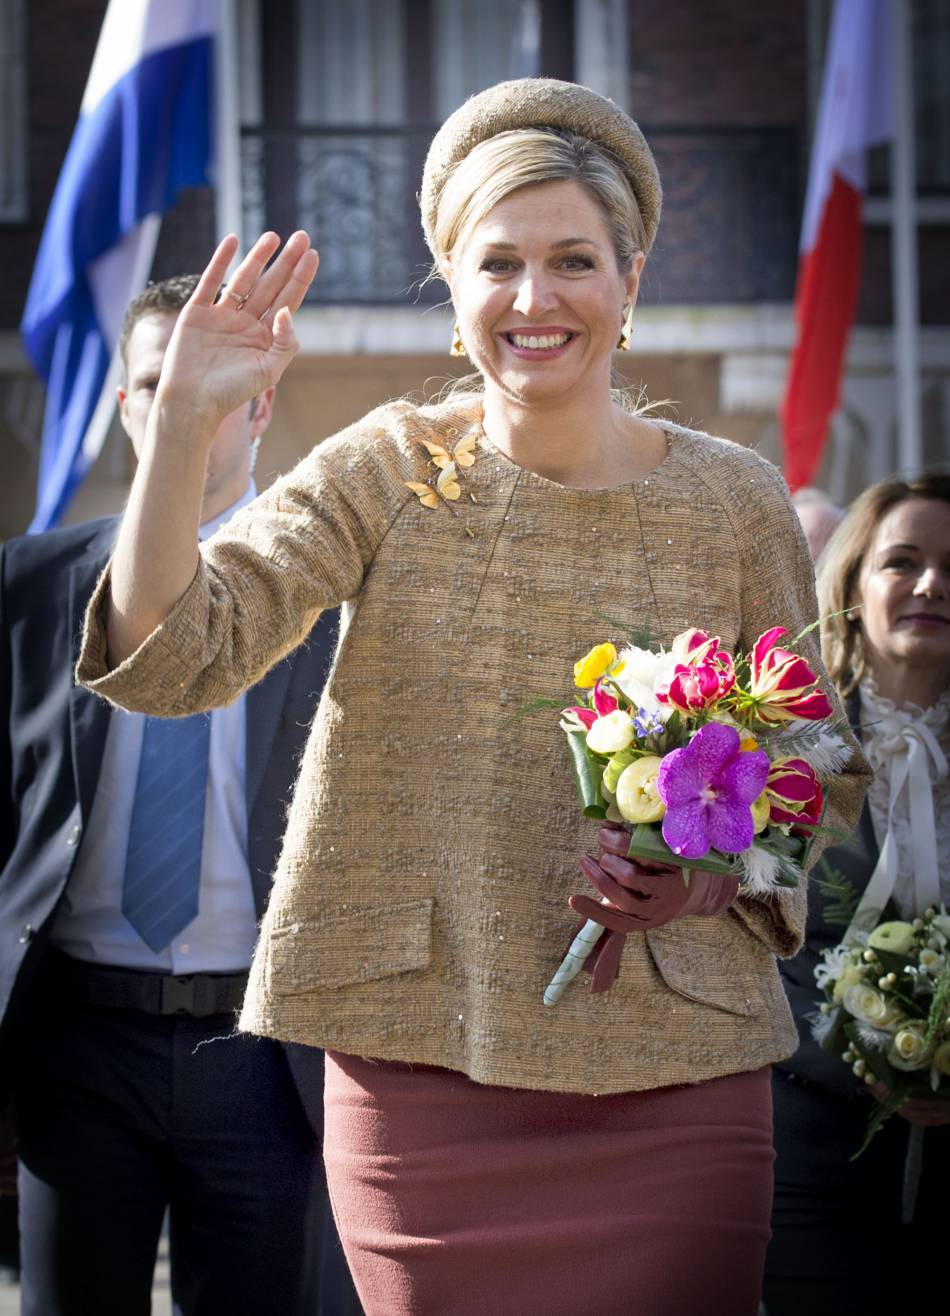 Maxima des Pays-Bas opte une jupe bordeaux et un pull en fine laine dorée.